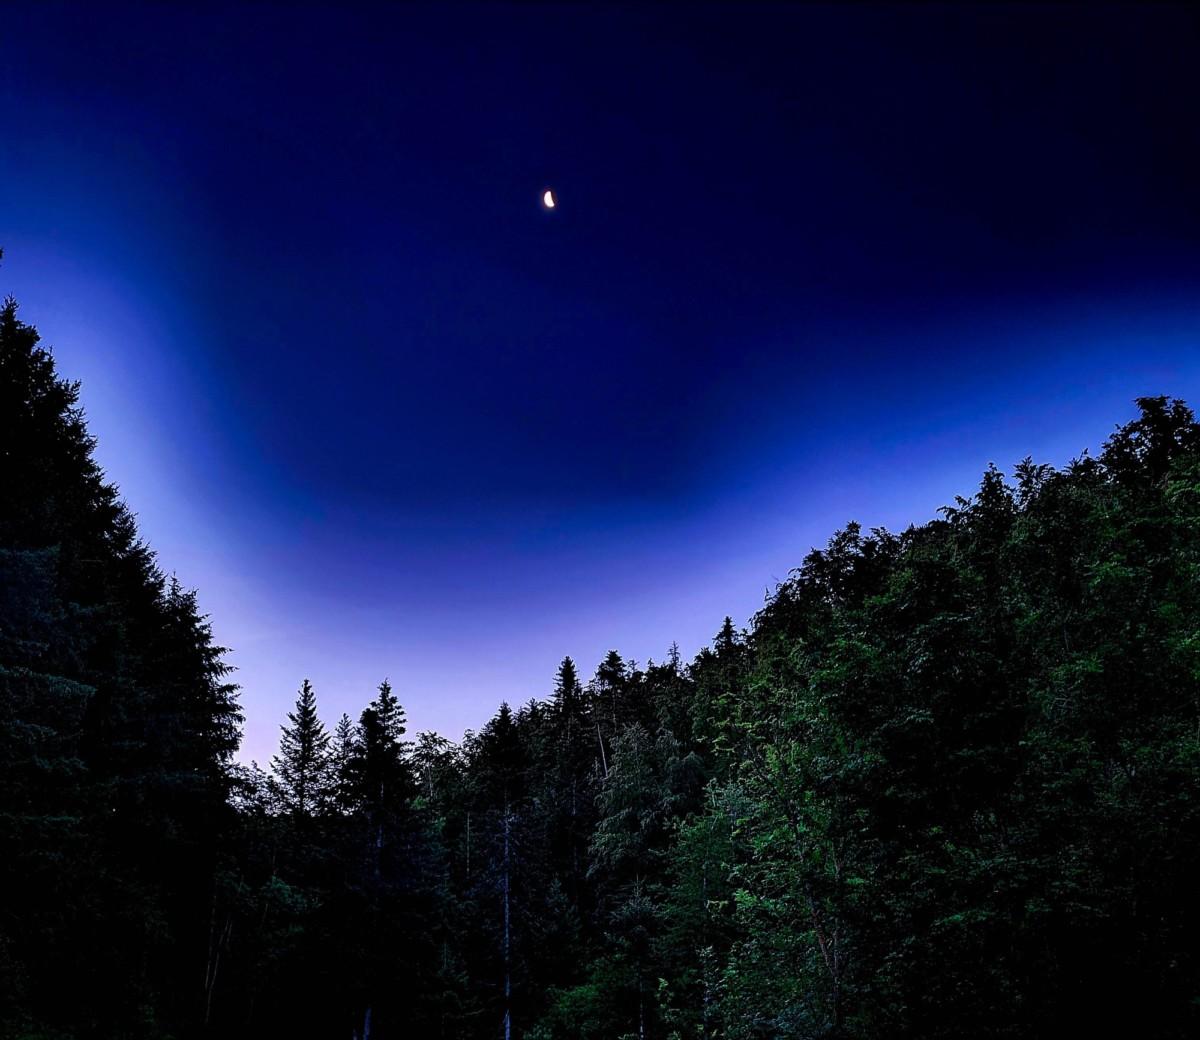 L'heure bleue avant l'aube. Photo prise au GalaxyS20+, en utilisant ici le mode Nuit de l'application photo.